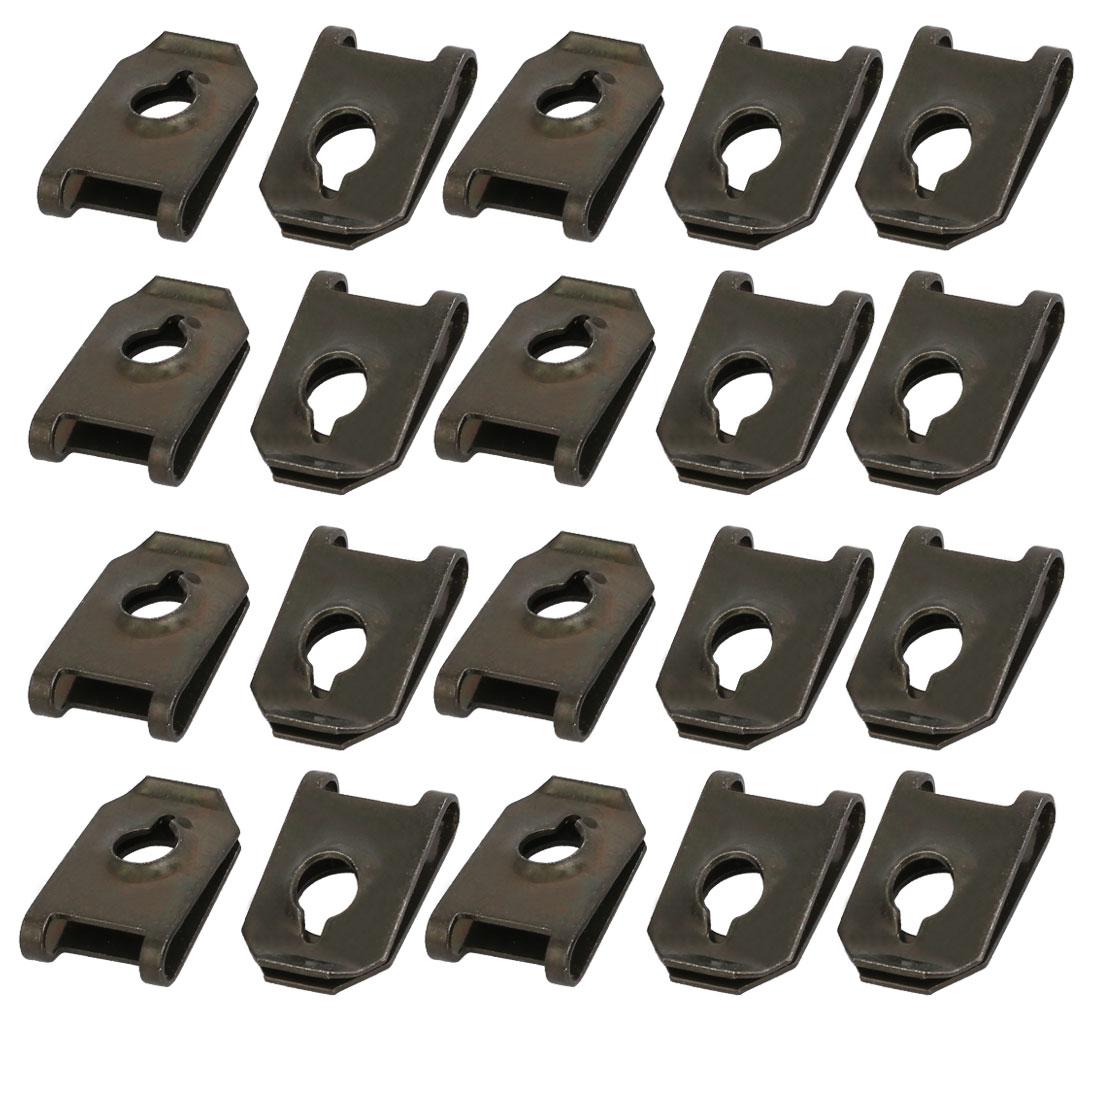 20pcs Fit ST6.3 Screw Size 65Mn Steel Speed Fastener U Nut Black 19.7mm x 12.6mm